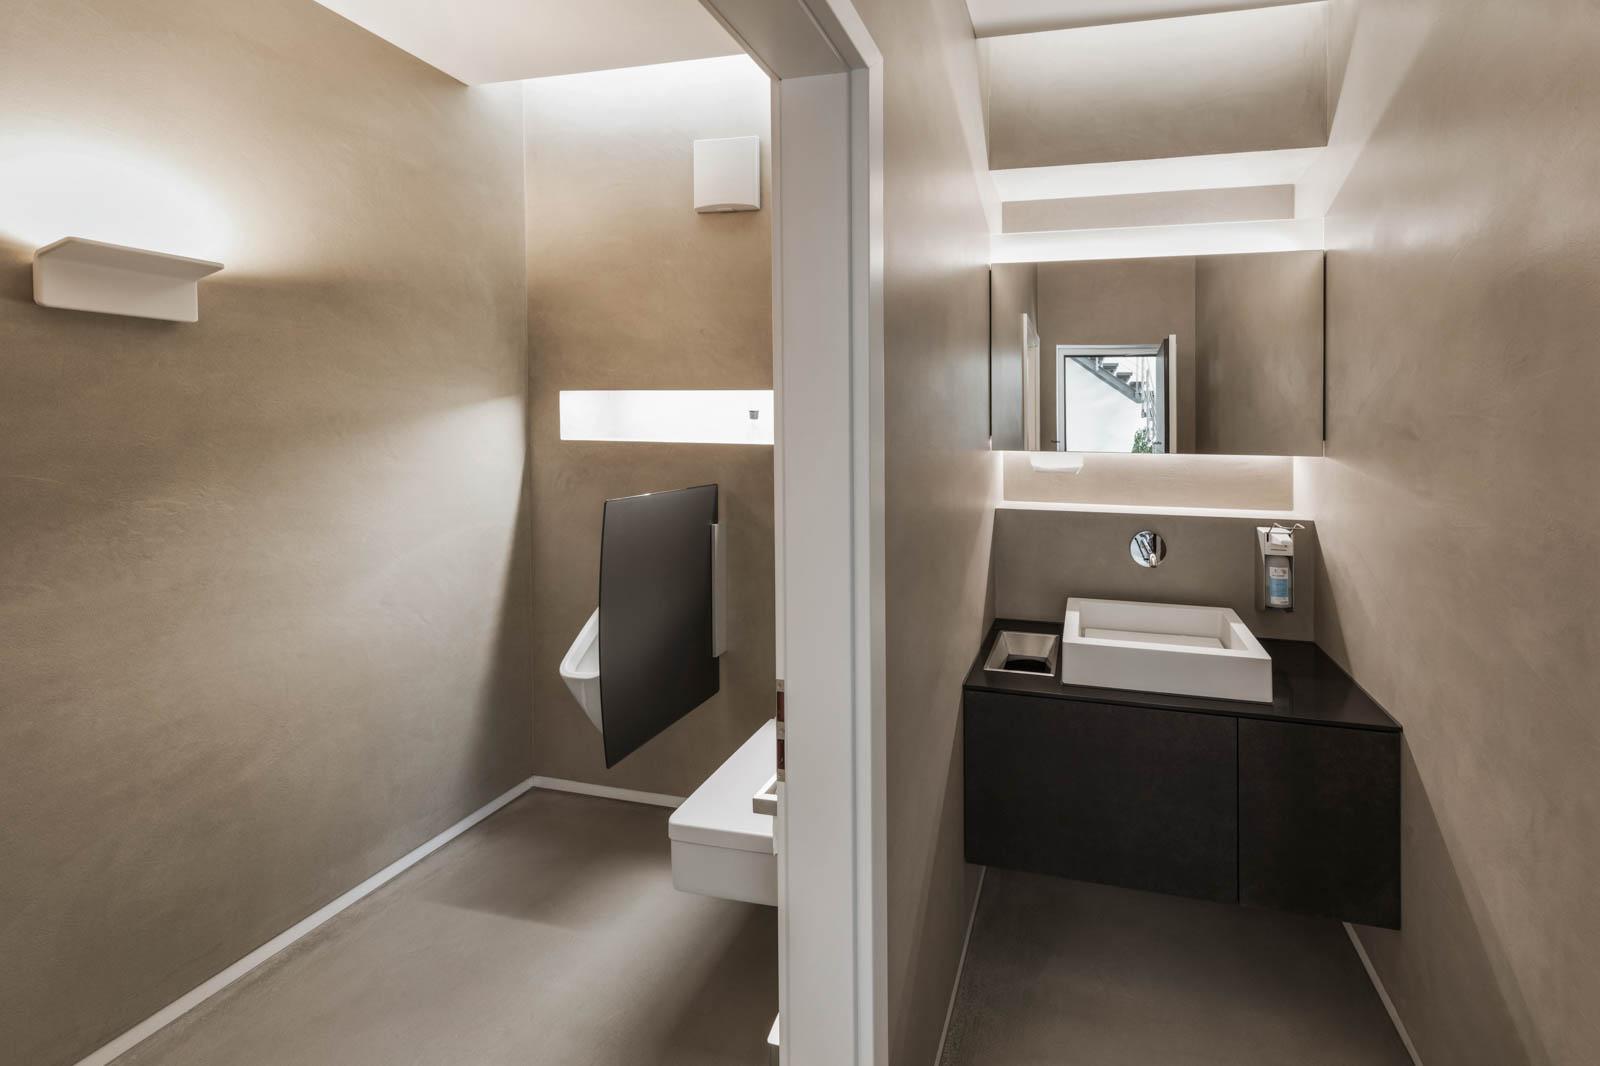 Nickel und Wachter Architekten - Stettler Sanitärbereich